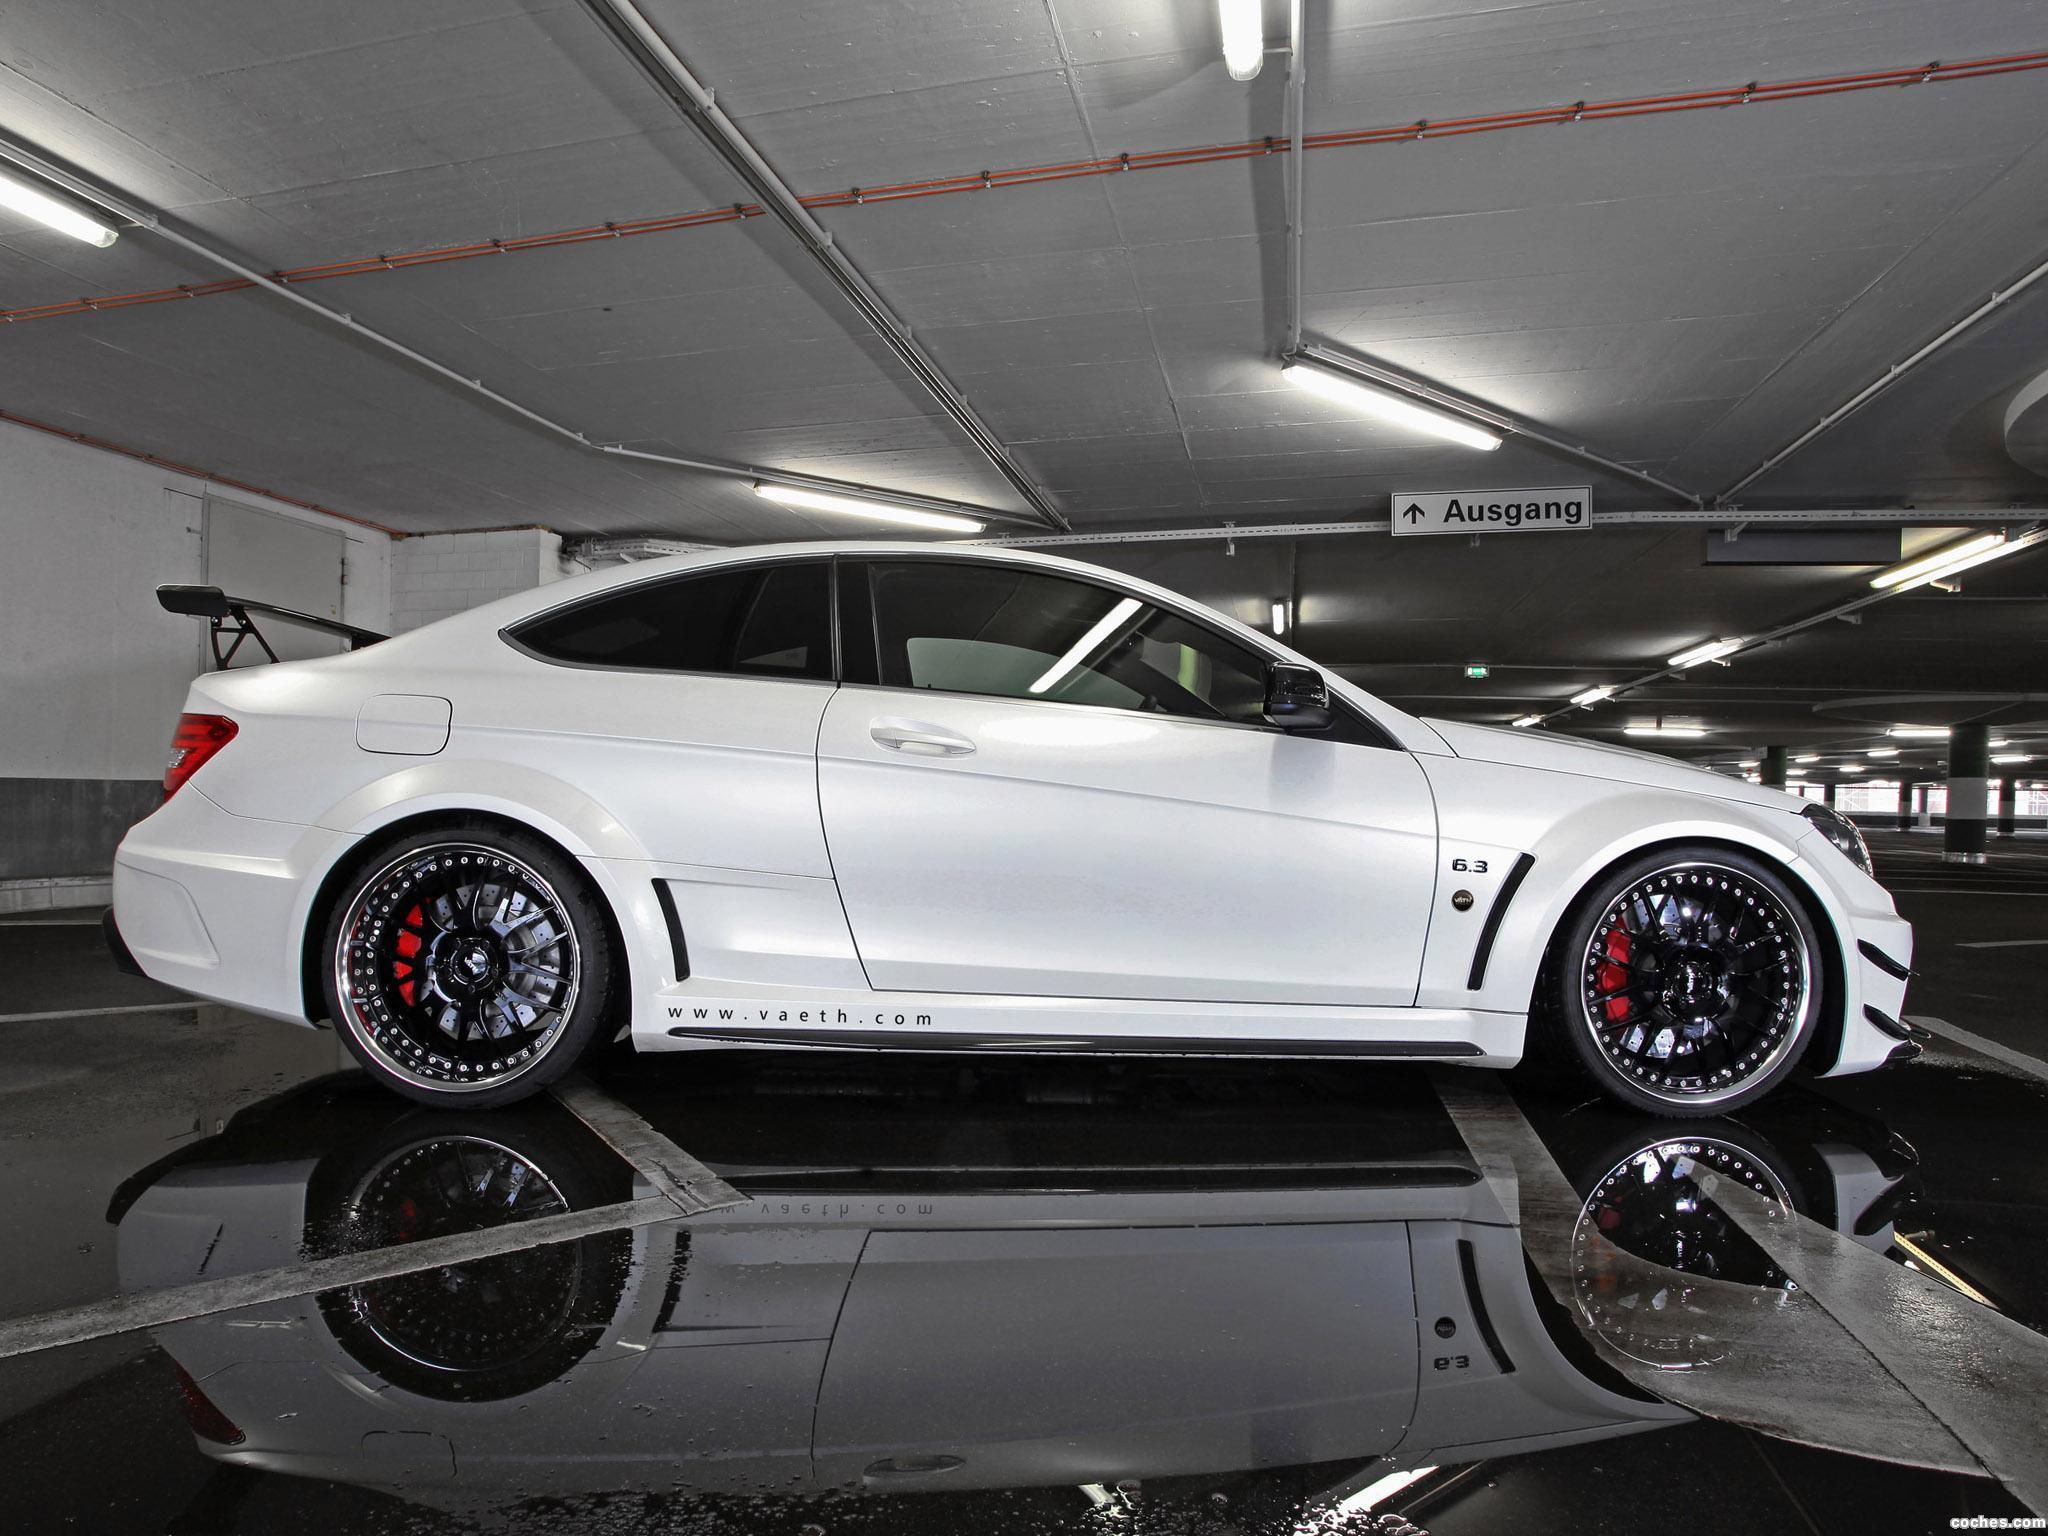 Foto 1 de Mercedes Vath AMG Clase C Coupe Black V63 Supercharged C204 2012